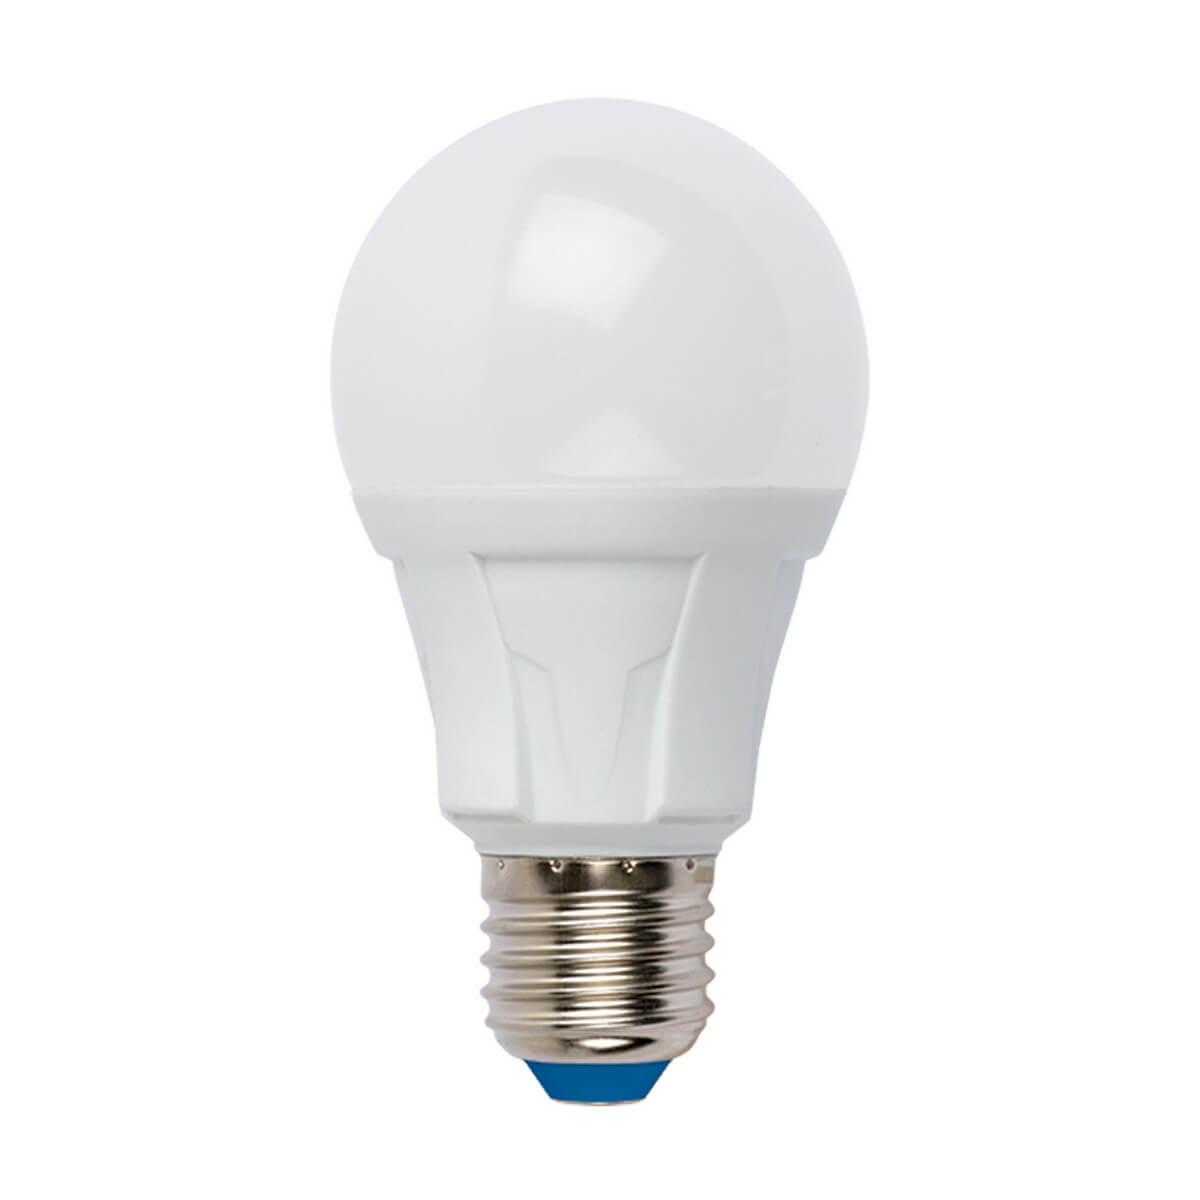 Лампа светодиодная диммируемая (UL-00004287) Uniel E27 10W 3000K матовая LED-A60 10W/3000K/E27/FR/DIM PLP01WH